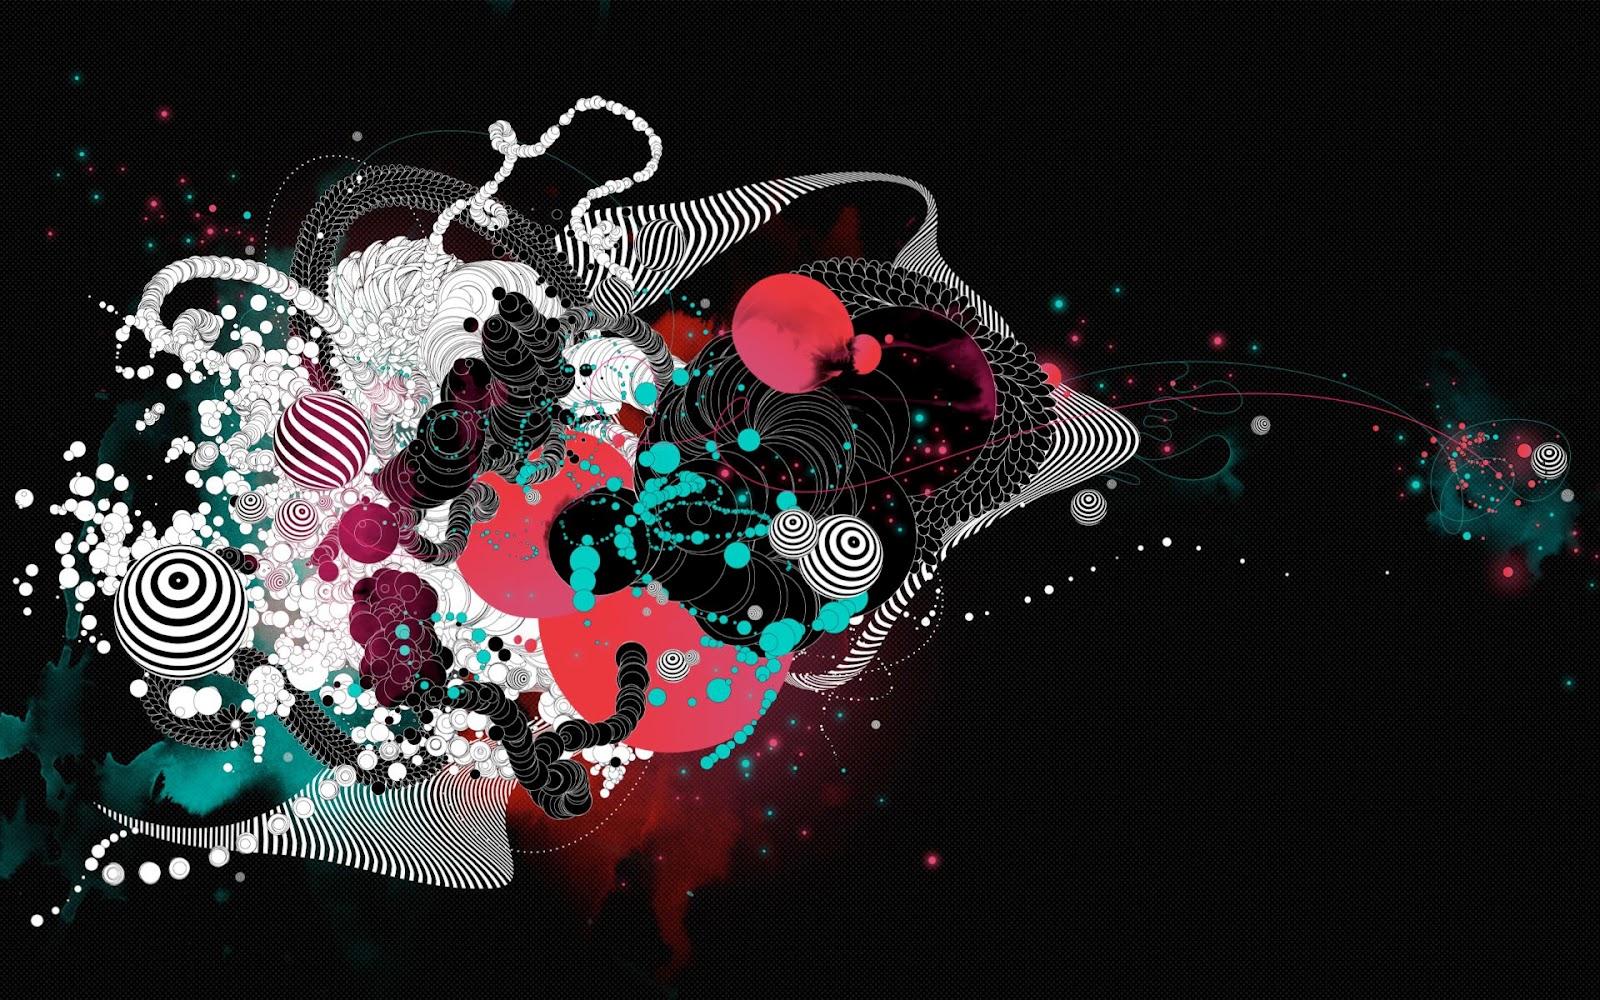 art wallpapers desktop - photo #36